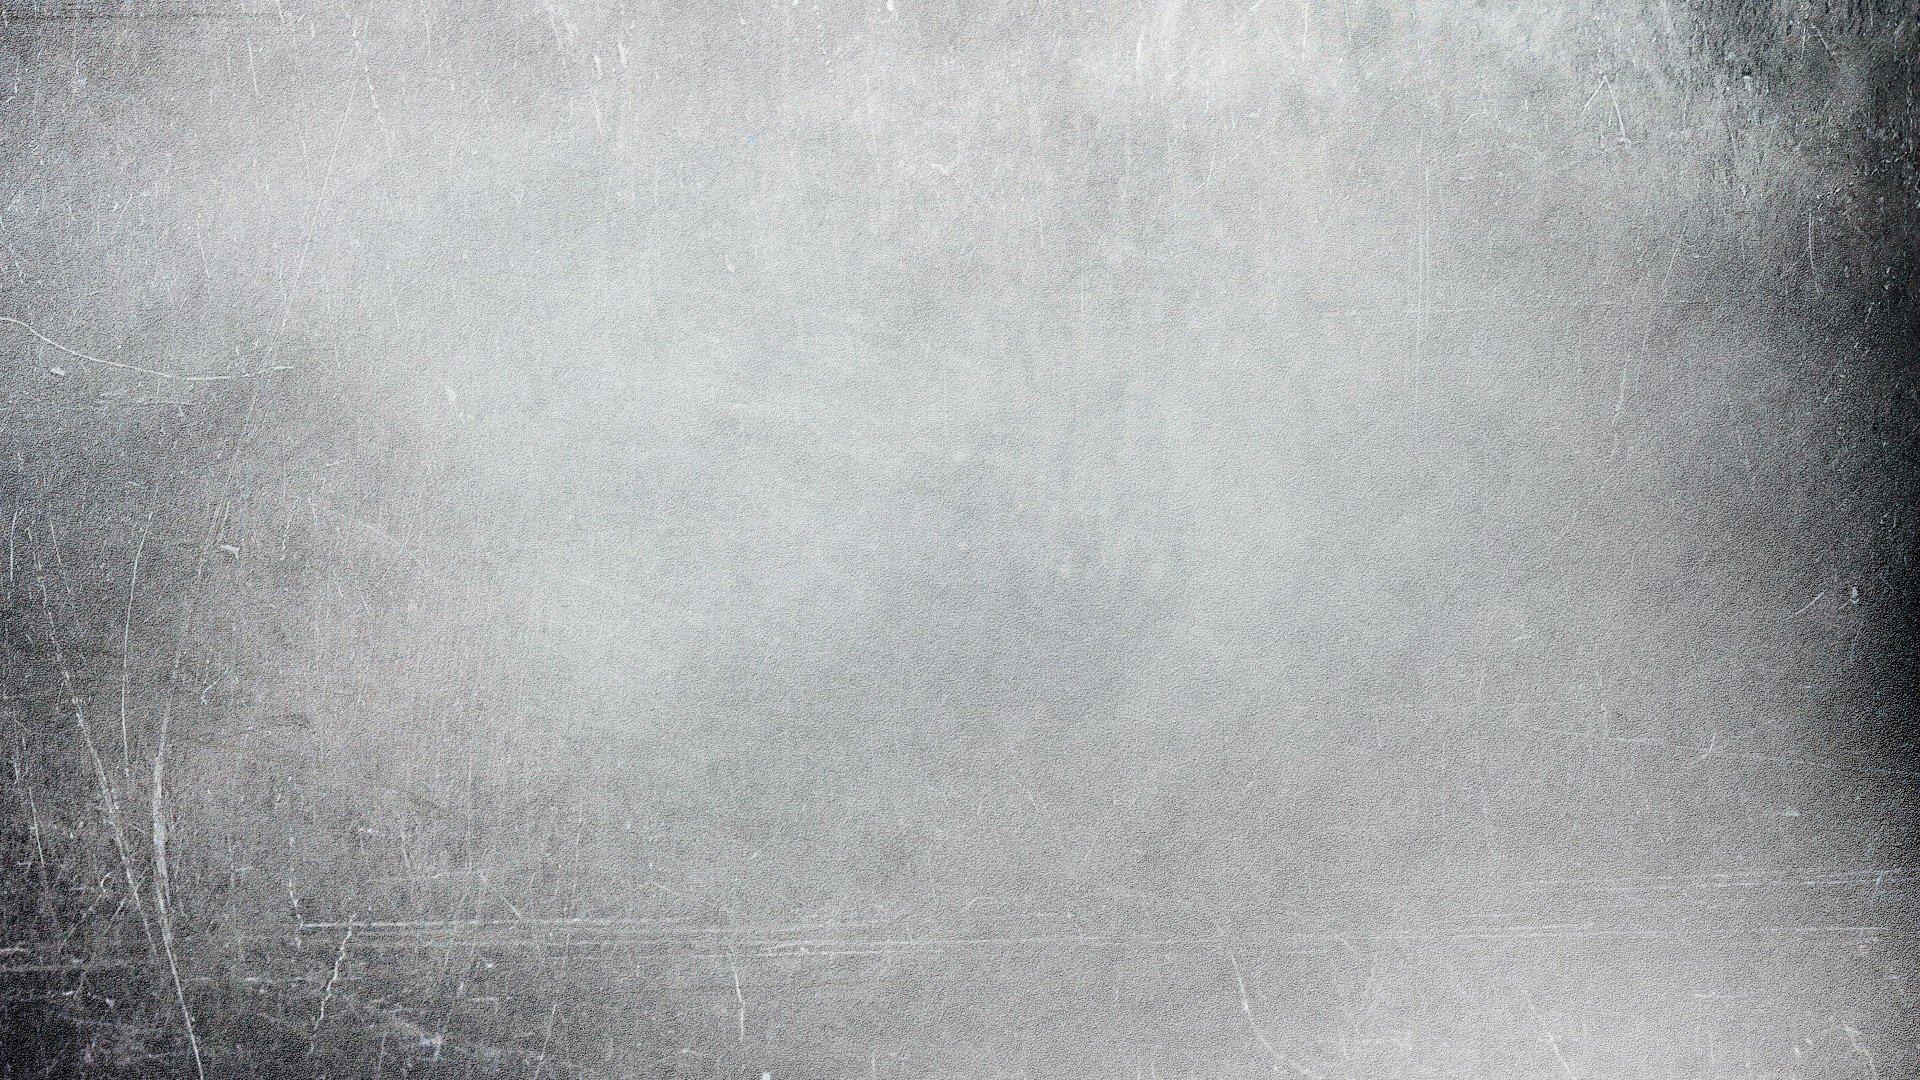 HD Grunge Wallpaper